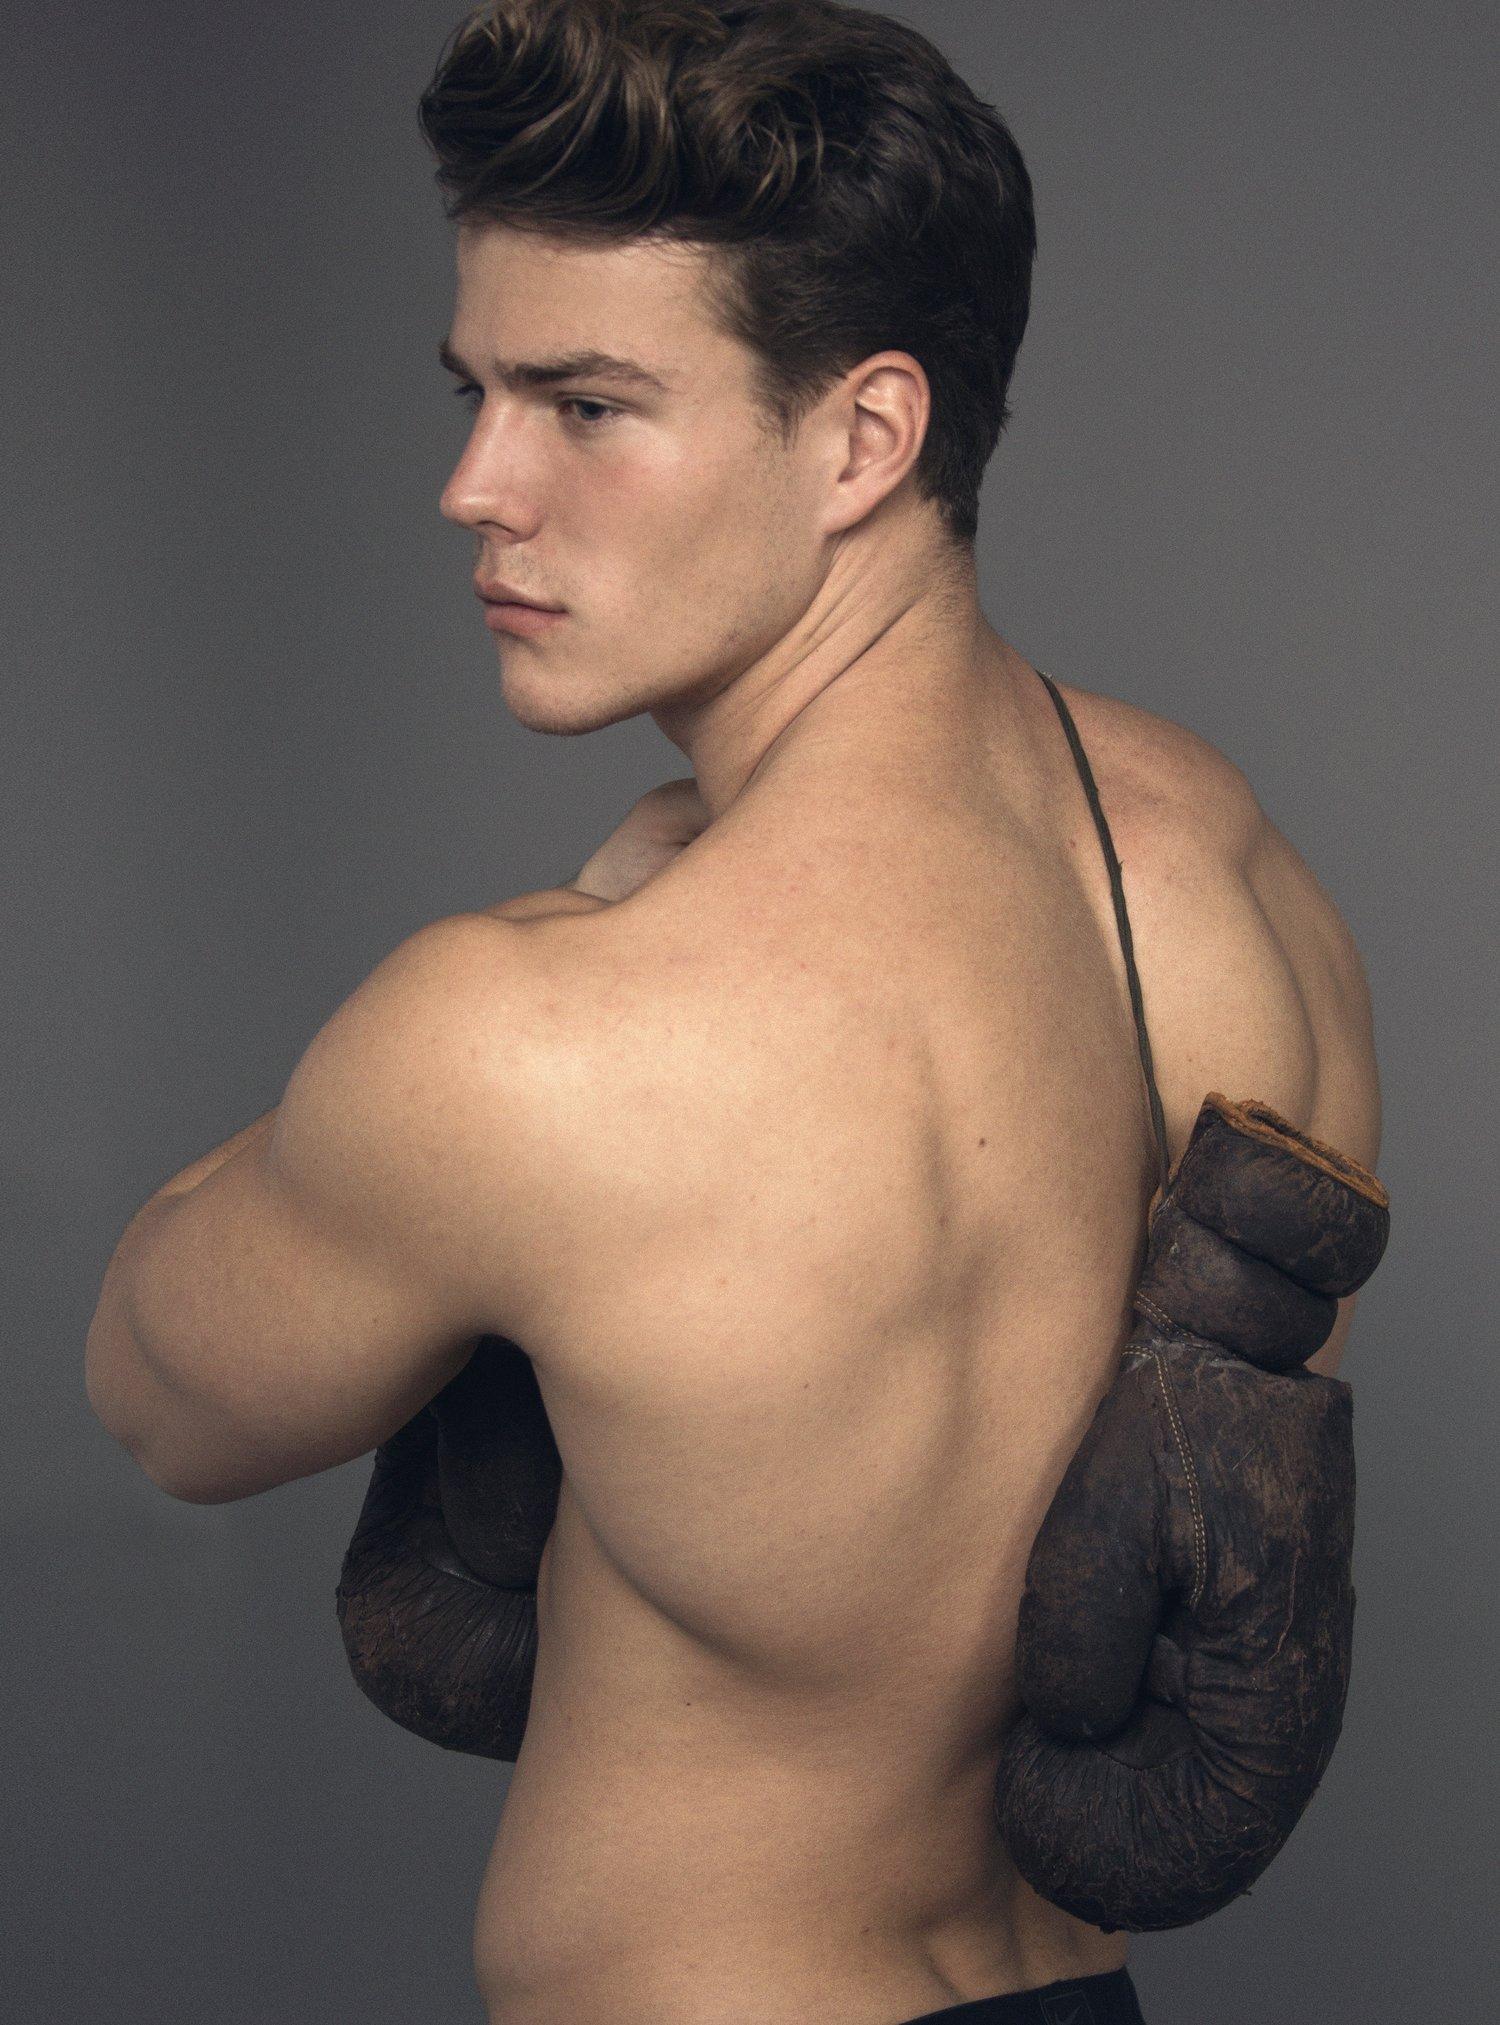 Adon Exclusive: Model MICHAEL DEAN By JULIO NUÑO